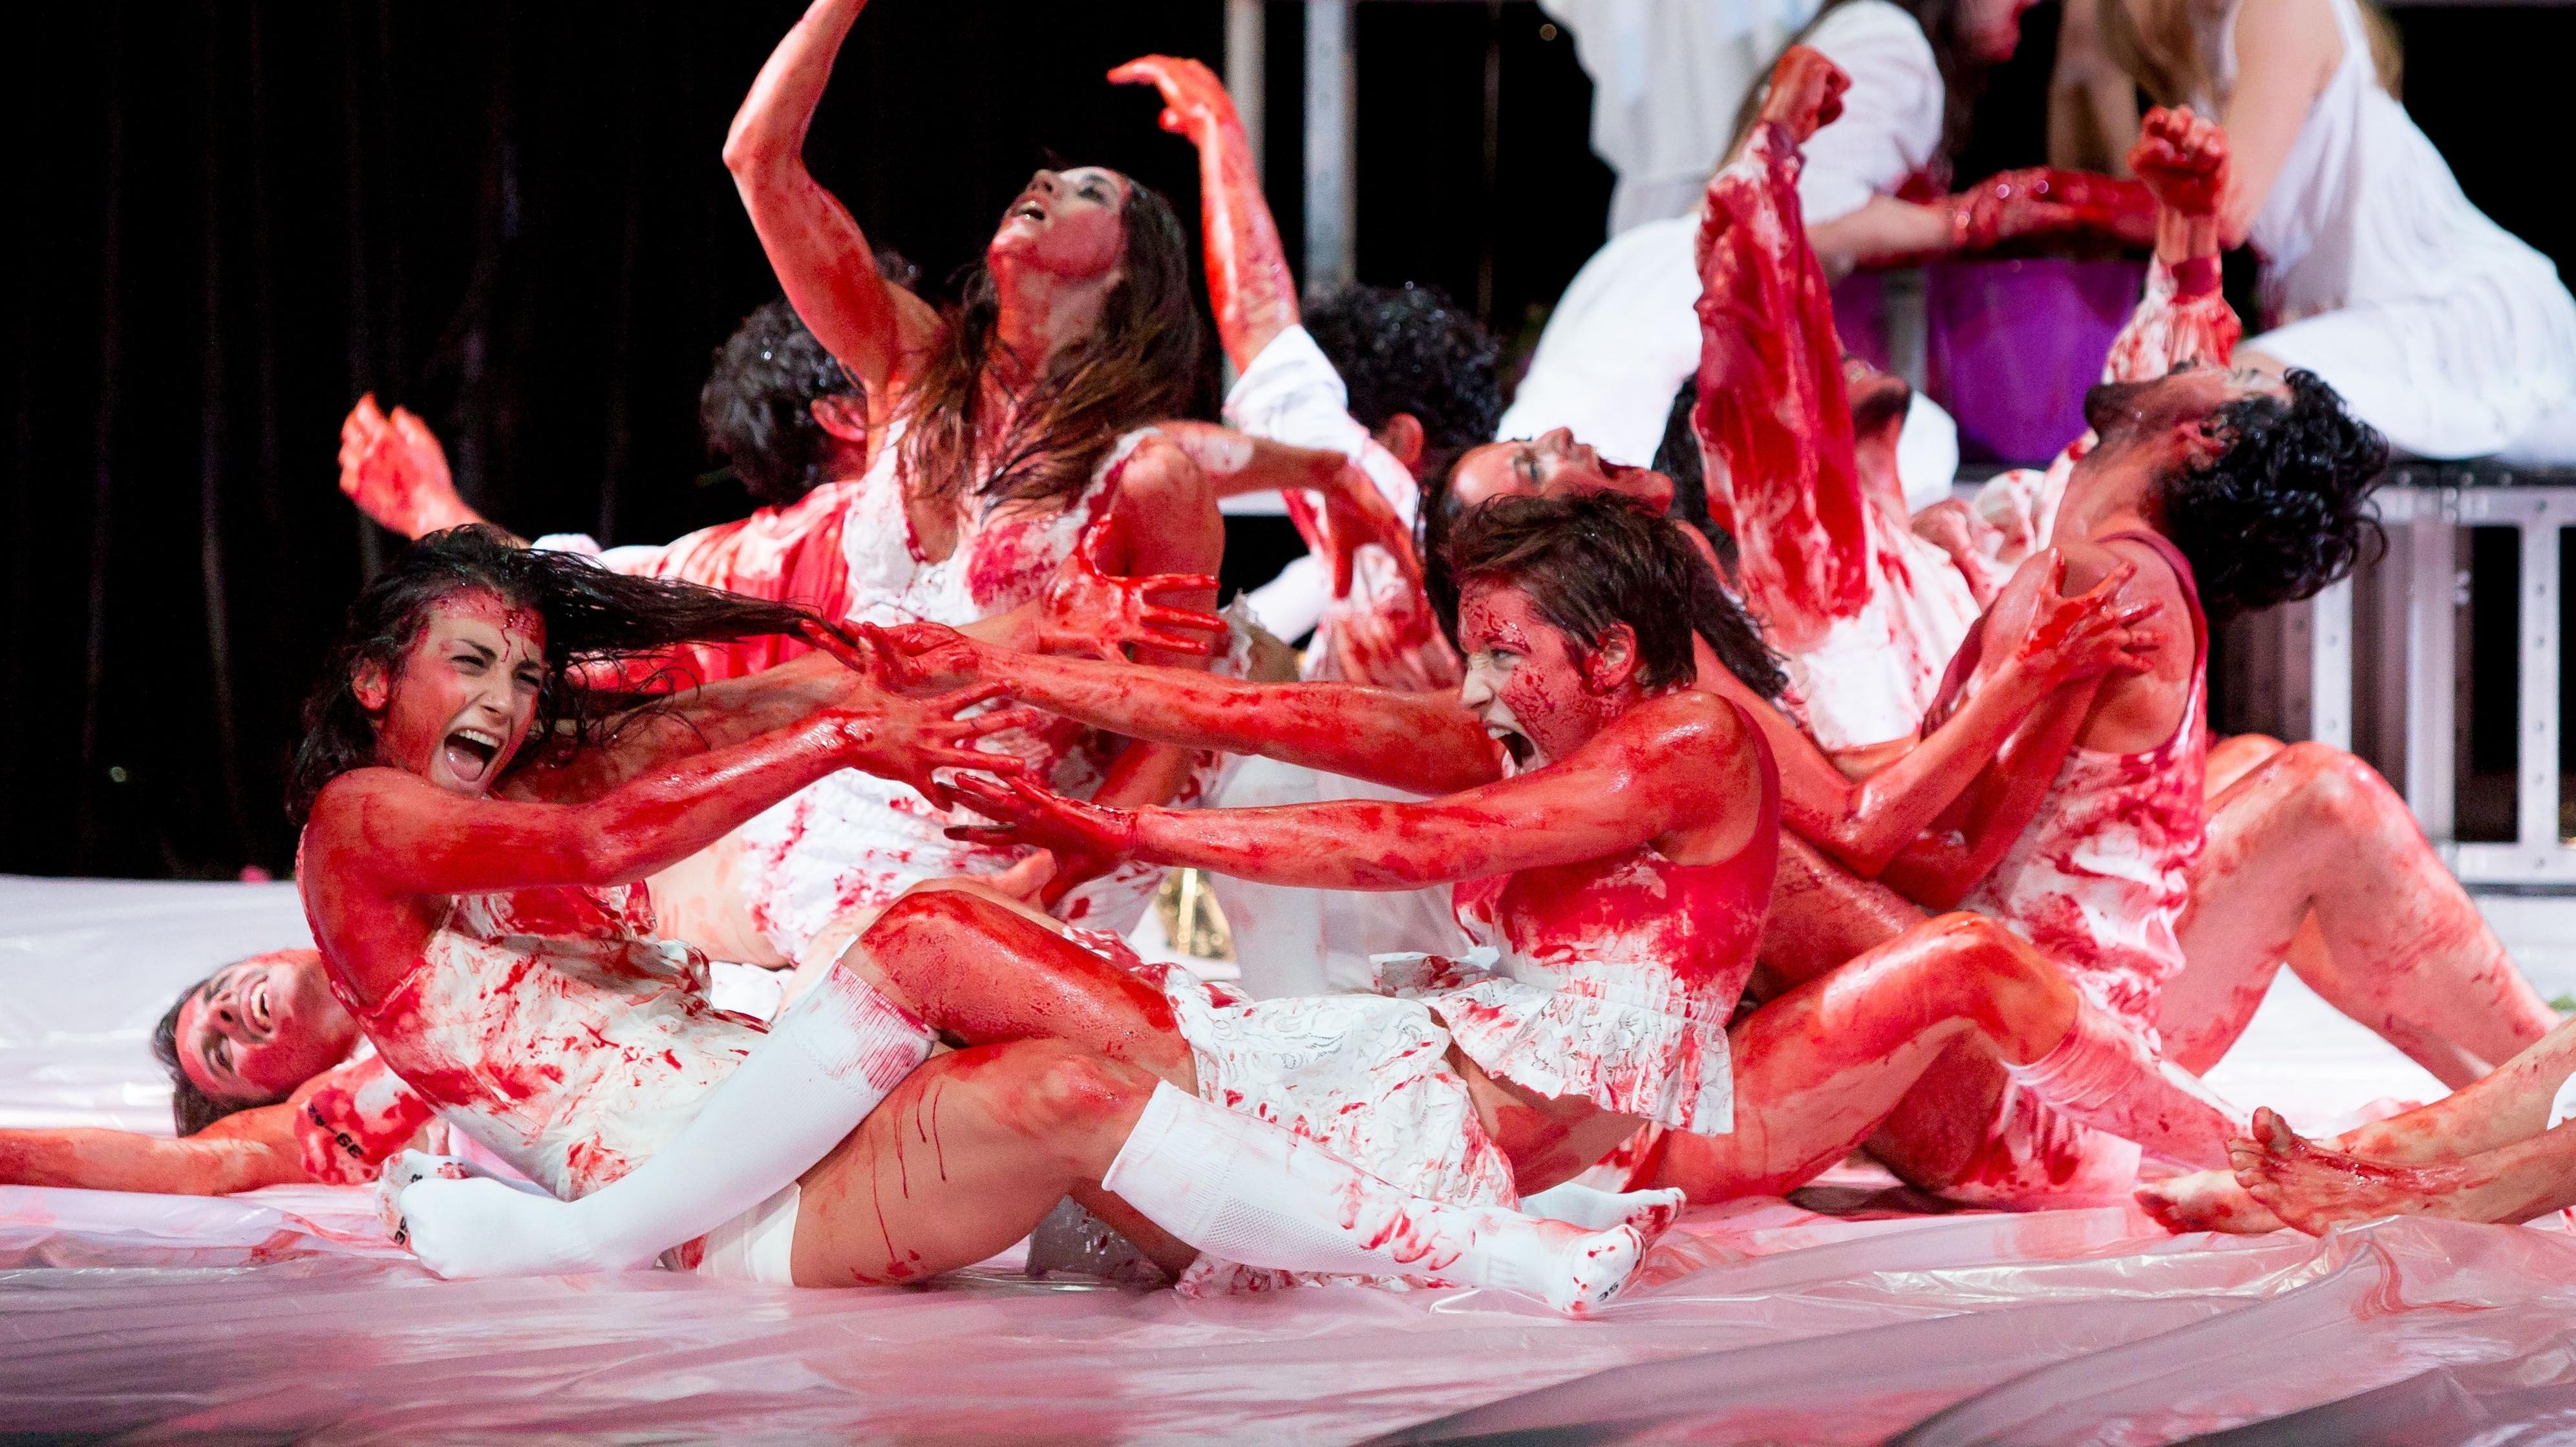 Tänzer baden im Blut